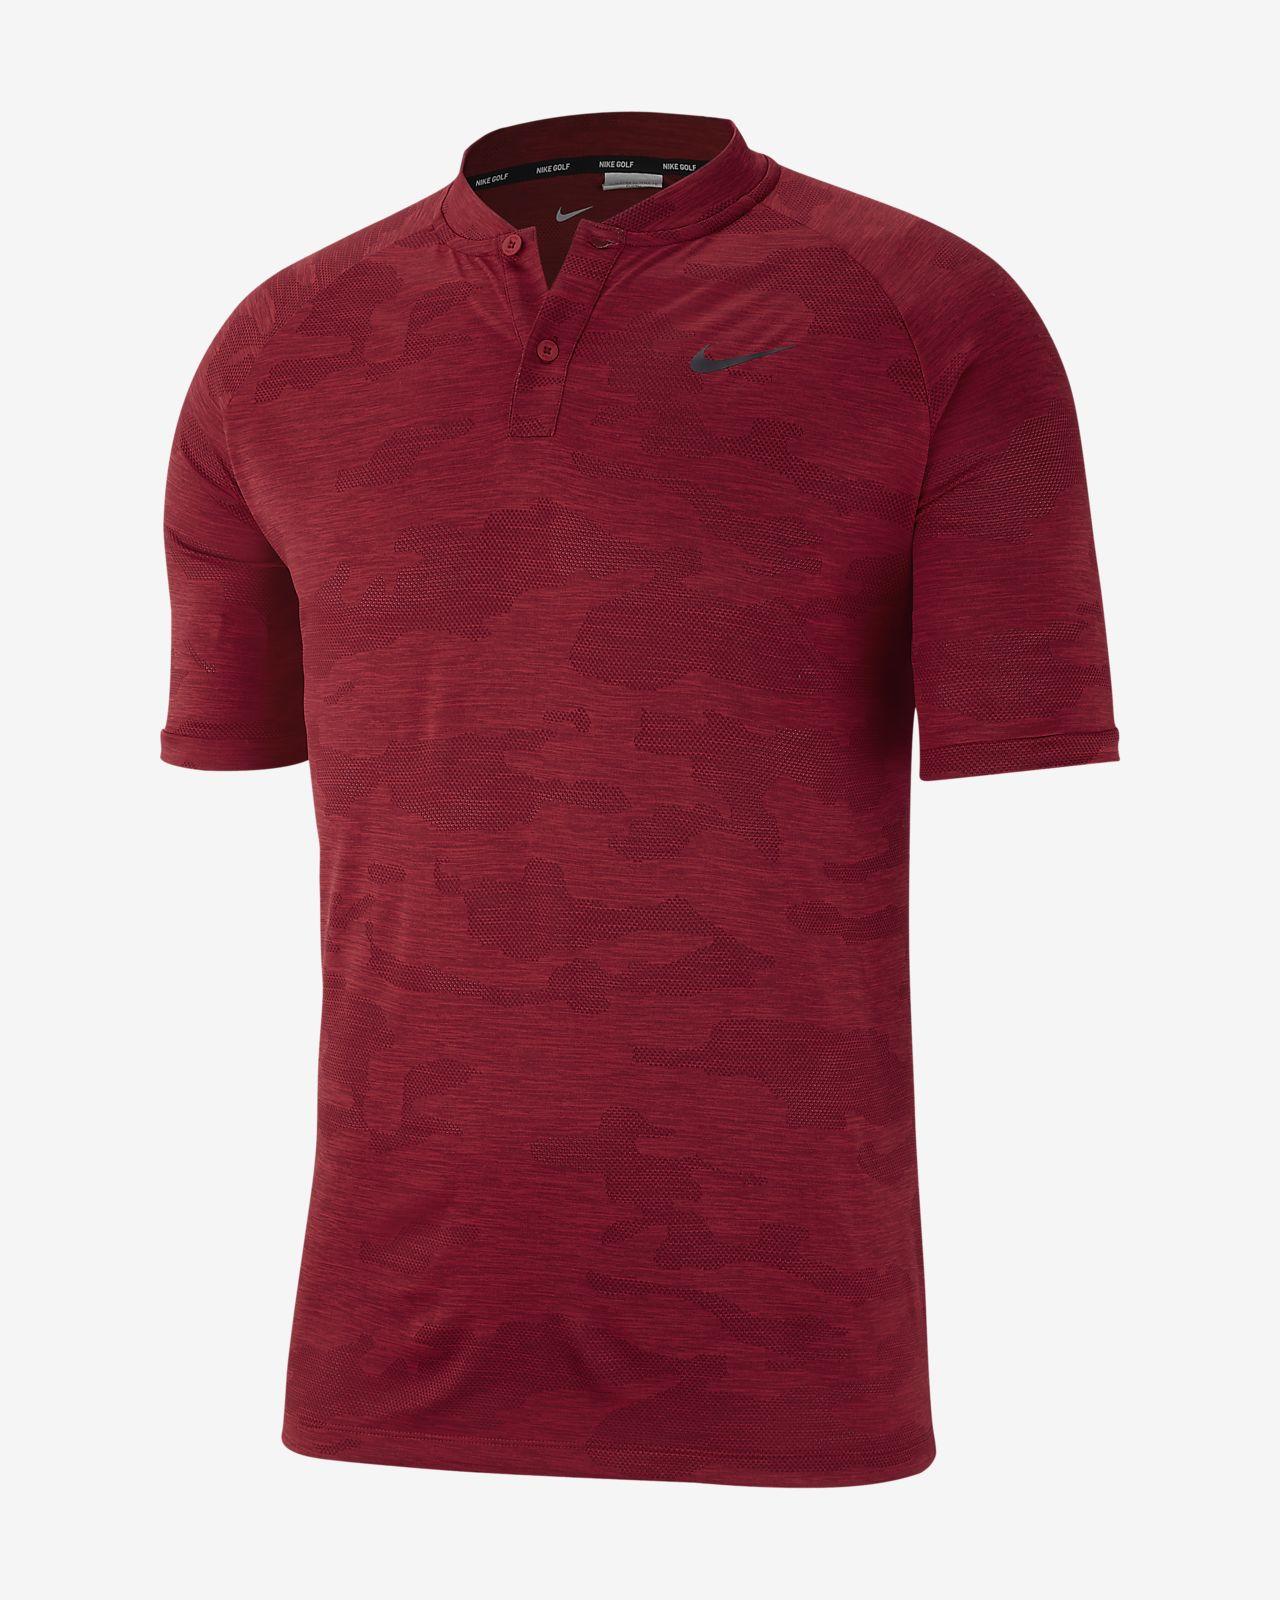 Nike Zonal Cooling golfskjorte med kamomønster til herre